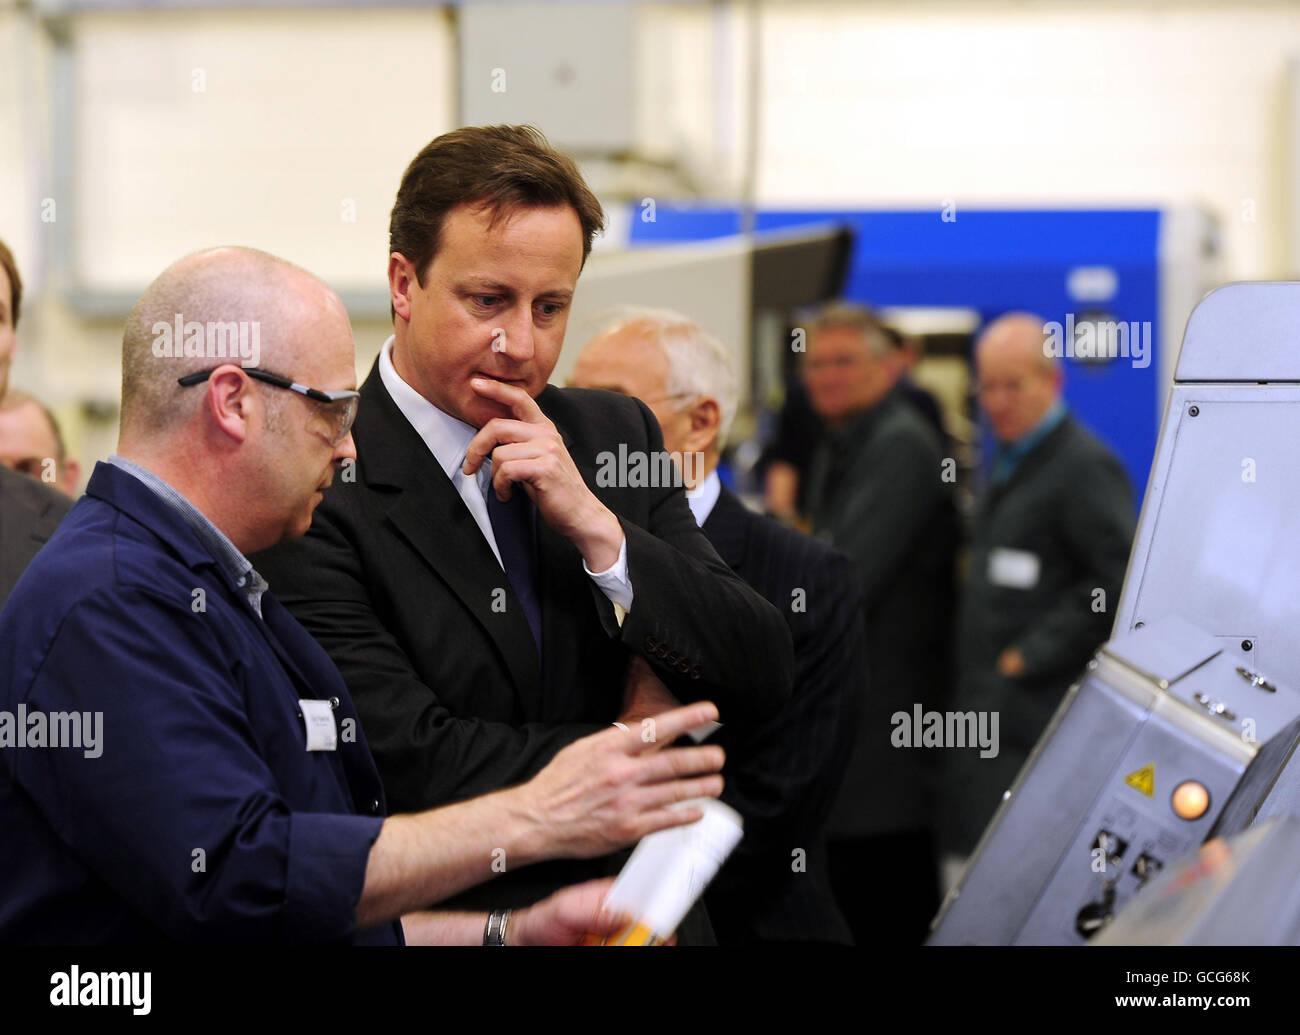 Premierminister David Cameron besucht die Fertigungshalle, während die Arbeiten im Surgical Innovations-Gebäude in Leeds, dem Hersteller von Hightech-medizinischen Geräten, weitergeführt werden. Stockfoto